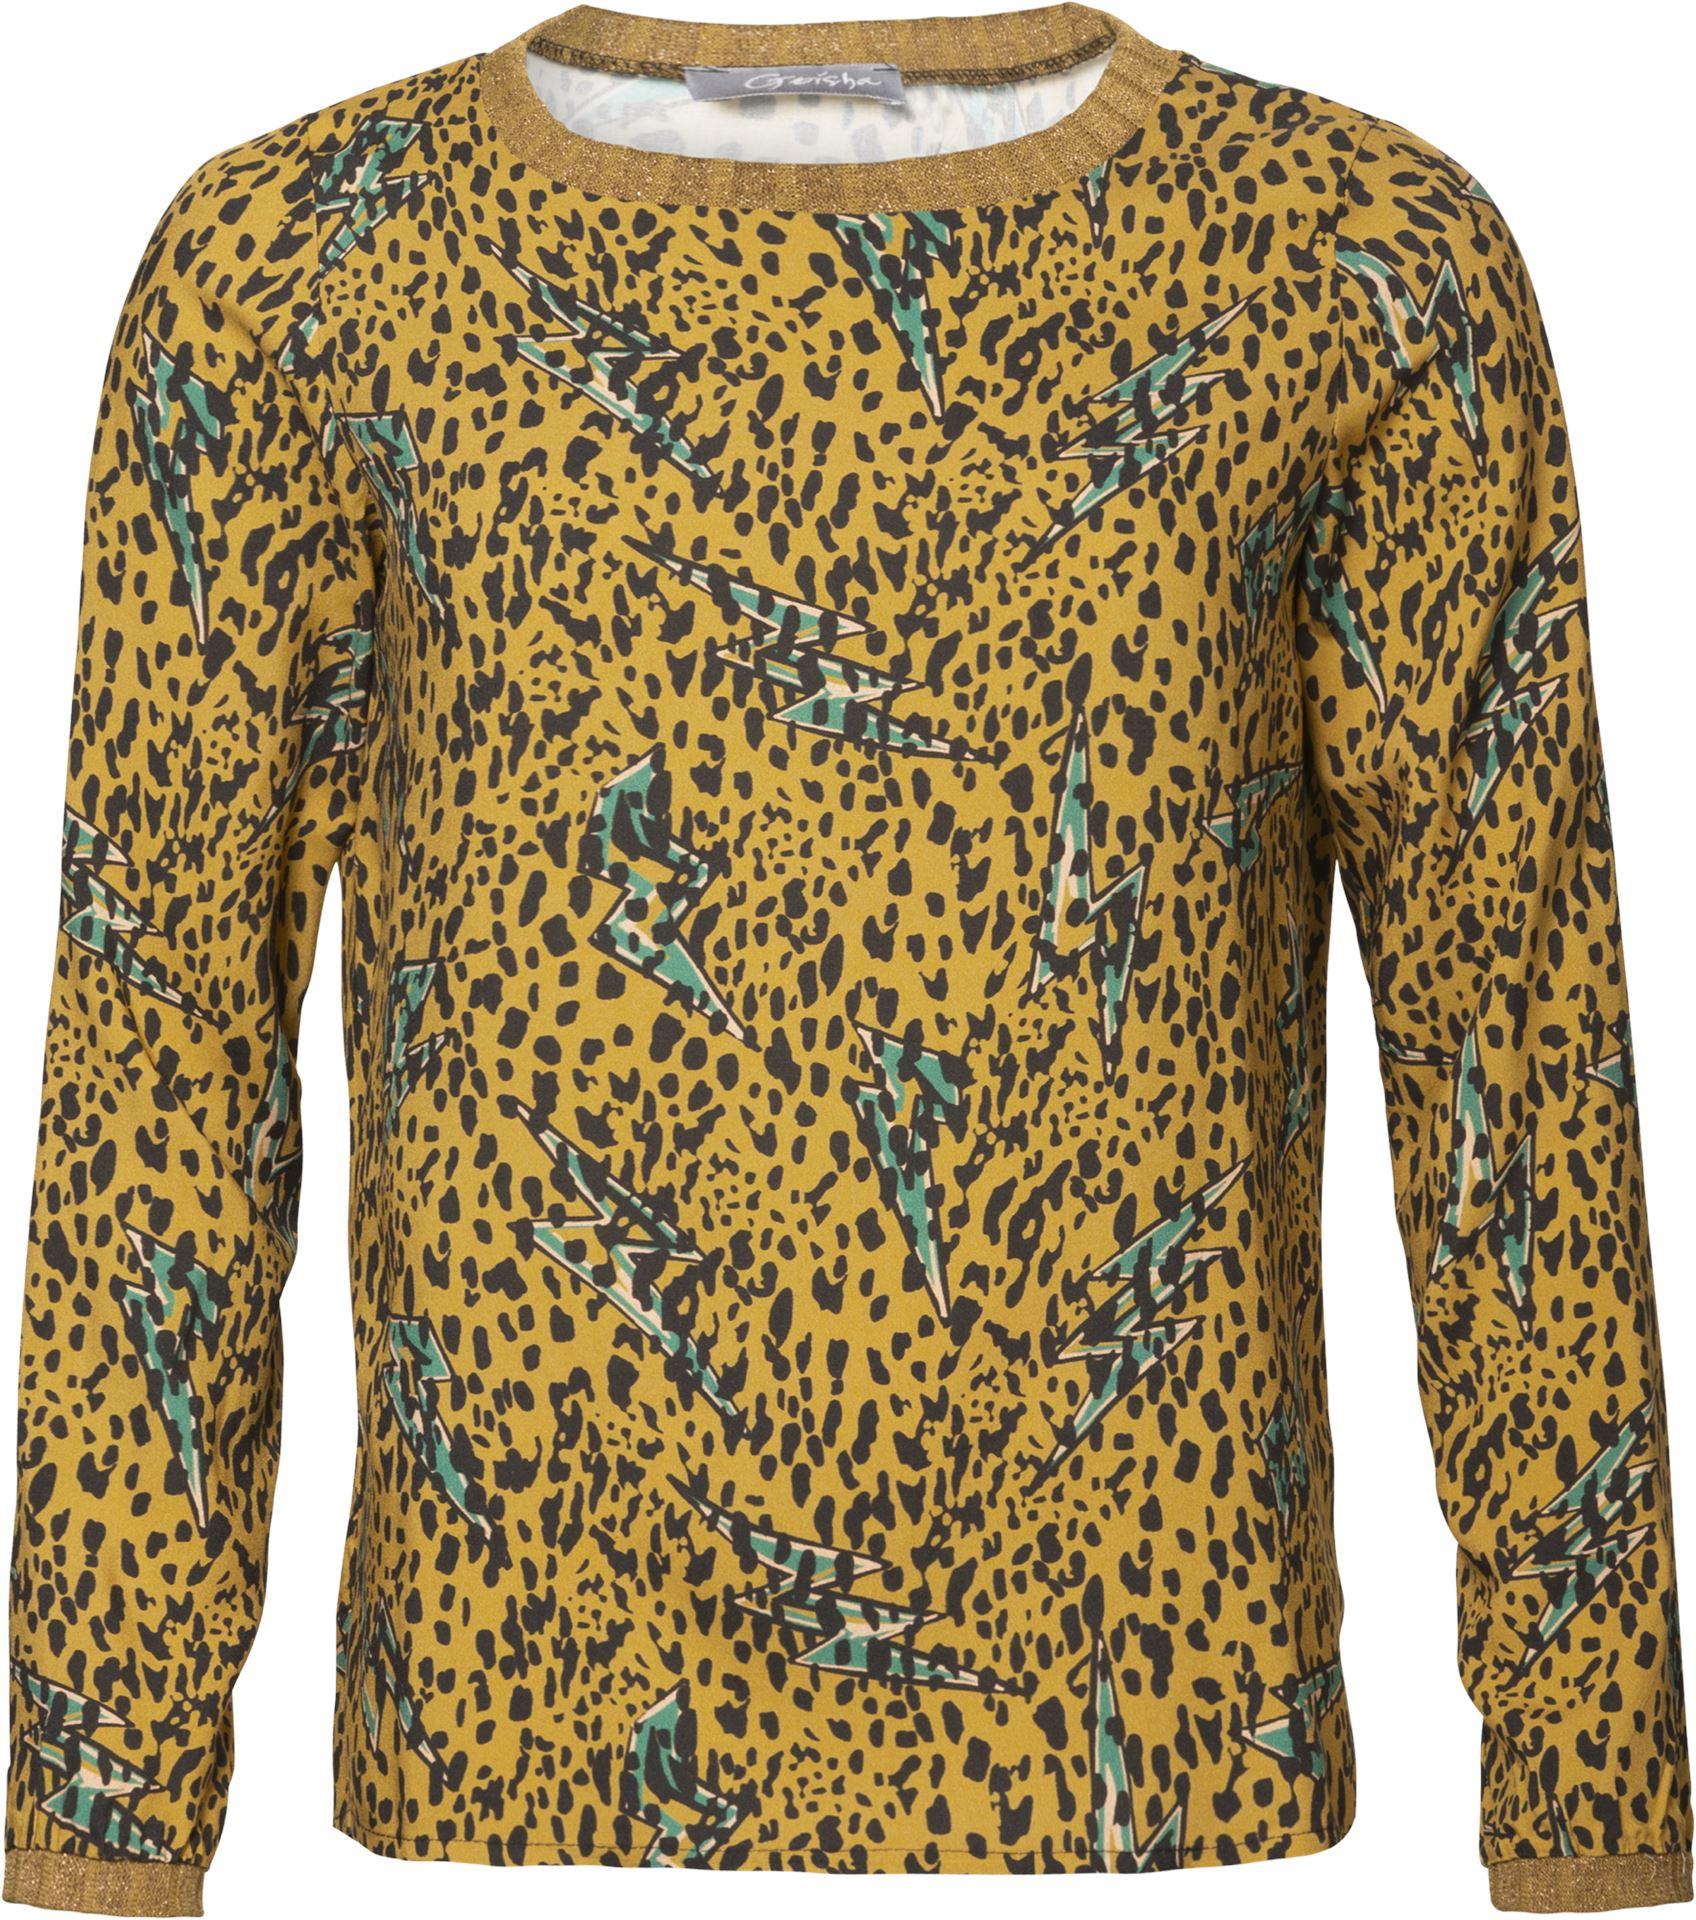 Smit Mode: Geisha blouse 93670 20 in het Oker